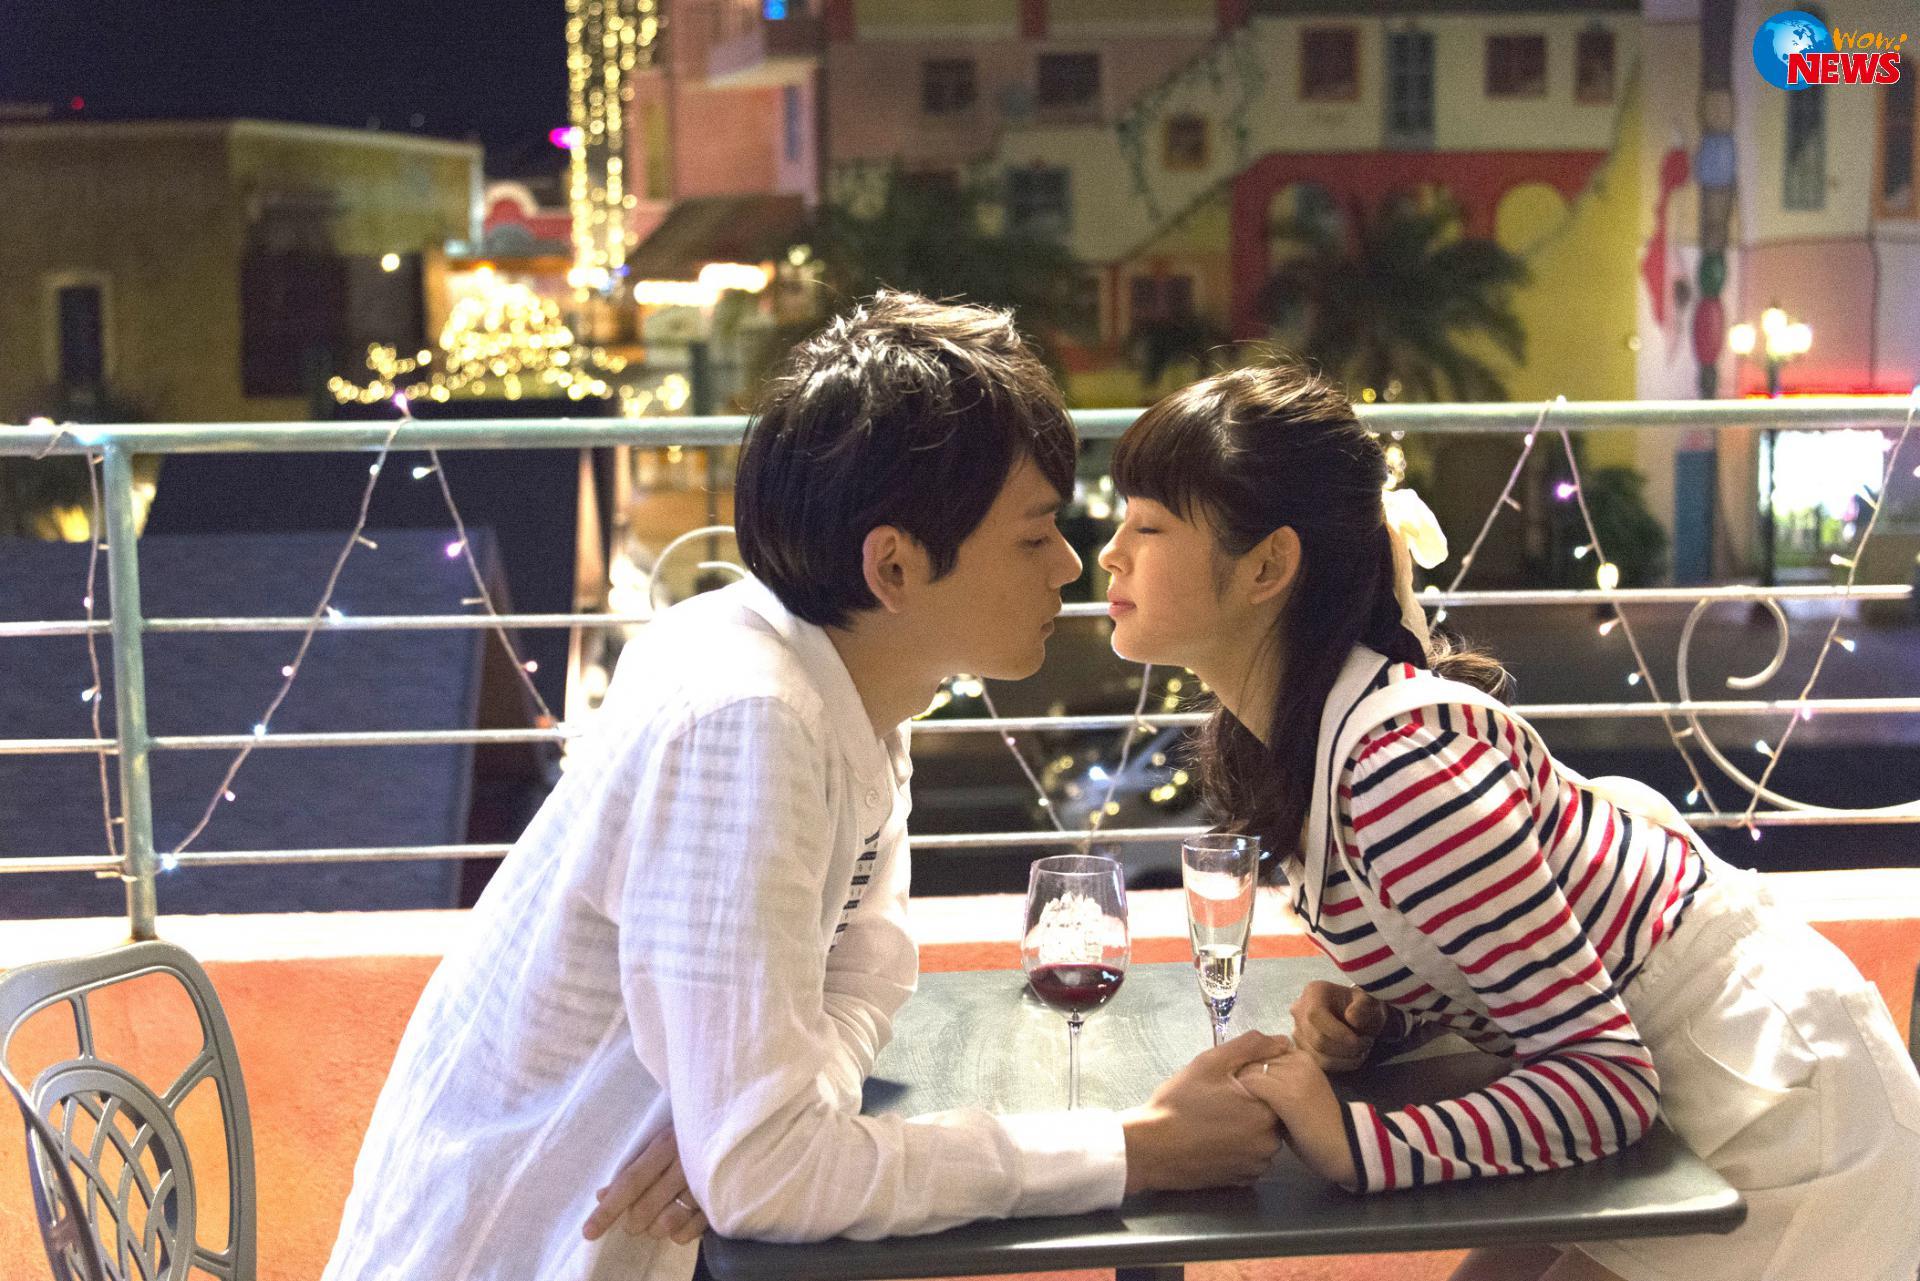 在2吻中古川雄辉与未来穗香吻戏更多更自然